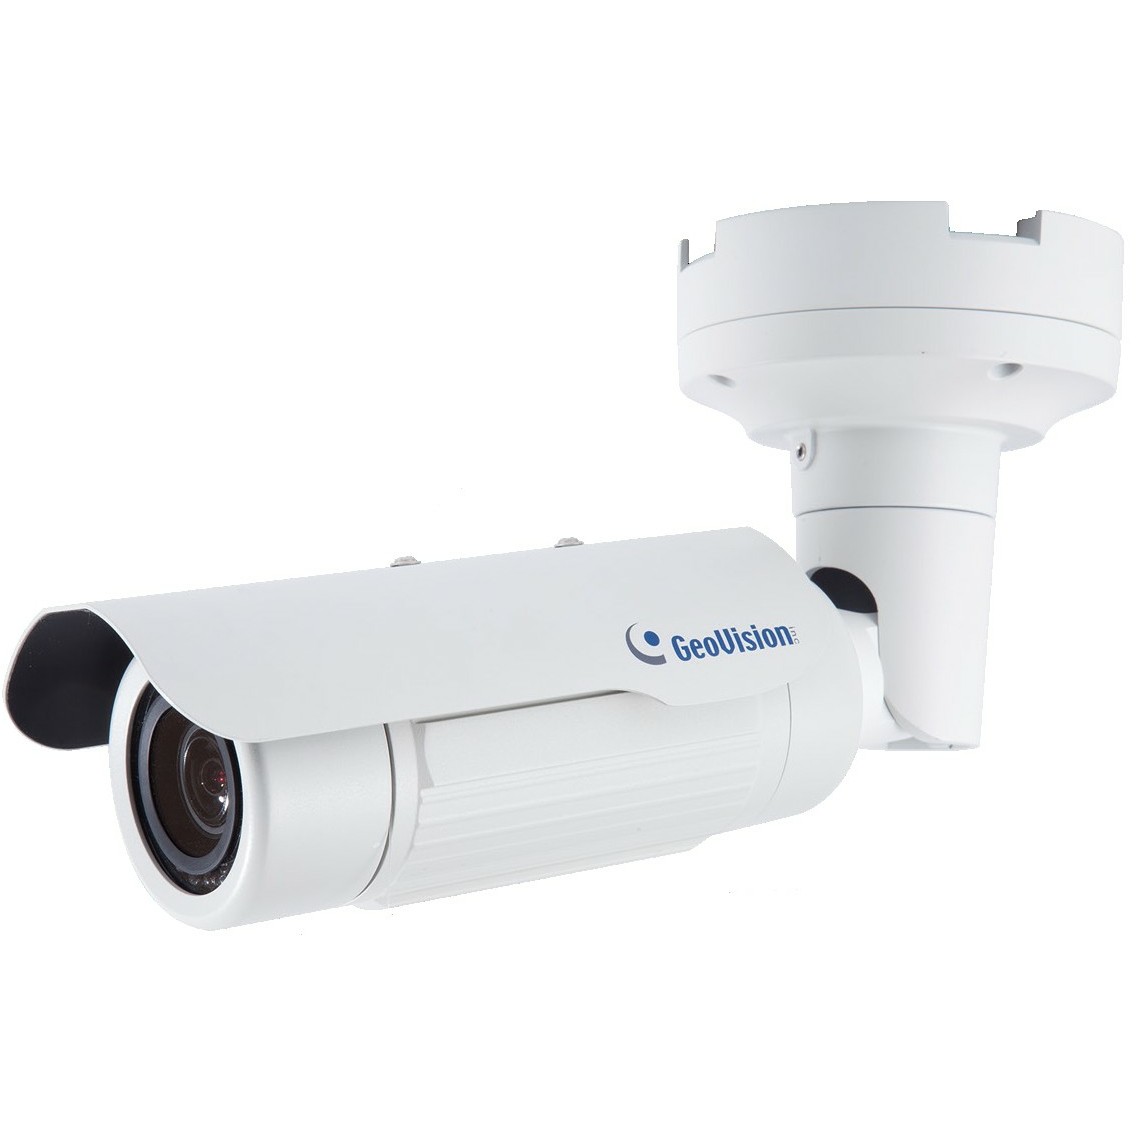 IP-камера уличная Geovision Geovision GV-BL1501 ip камера уличная geovision geovision gv ebl3101